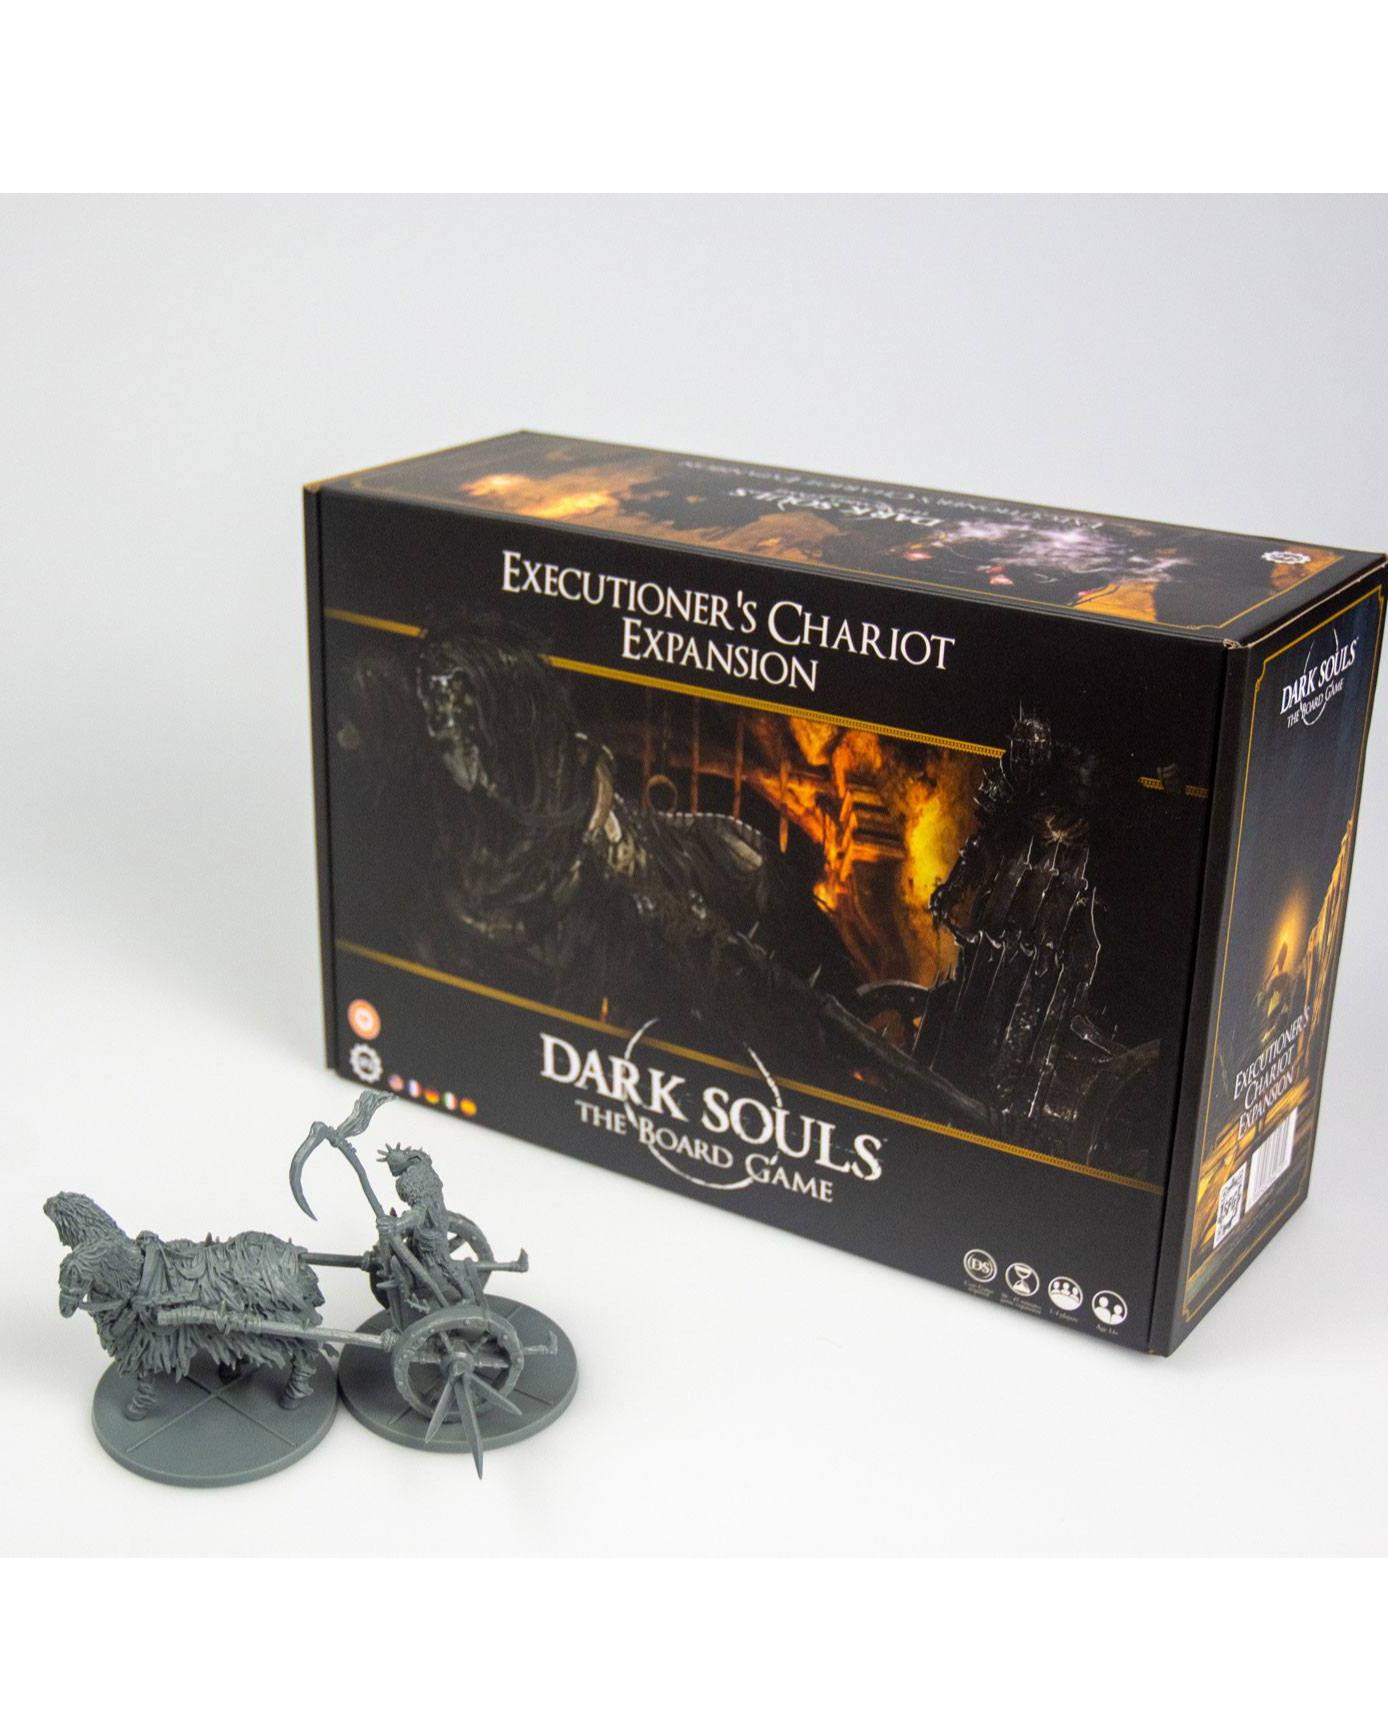 Desková hra Dark Souls - Executioners Chariot (rozšíření) (PC)